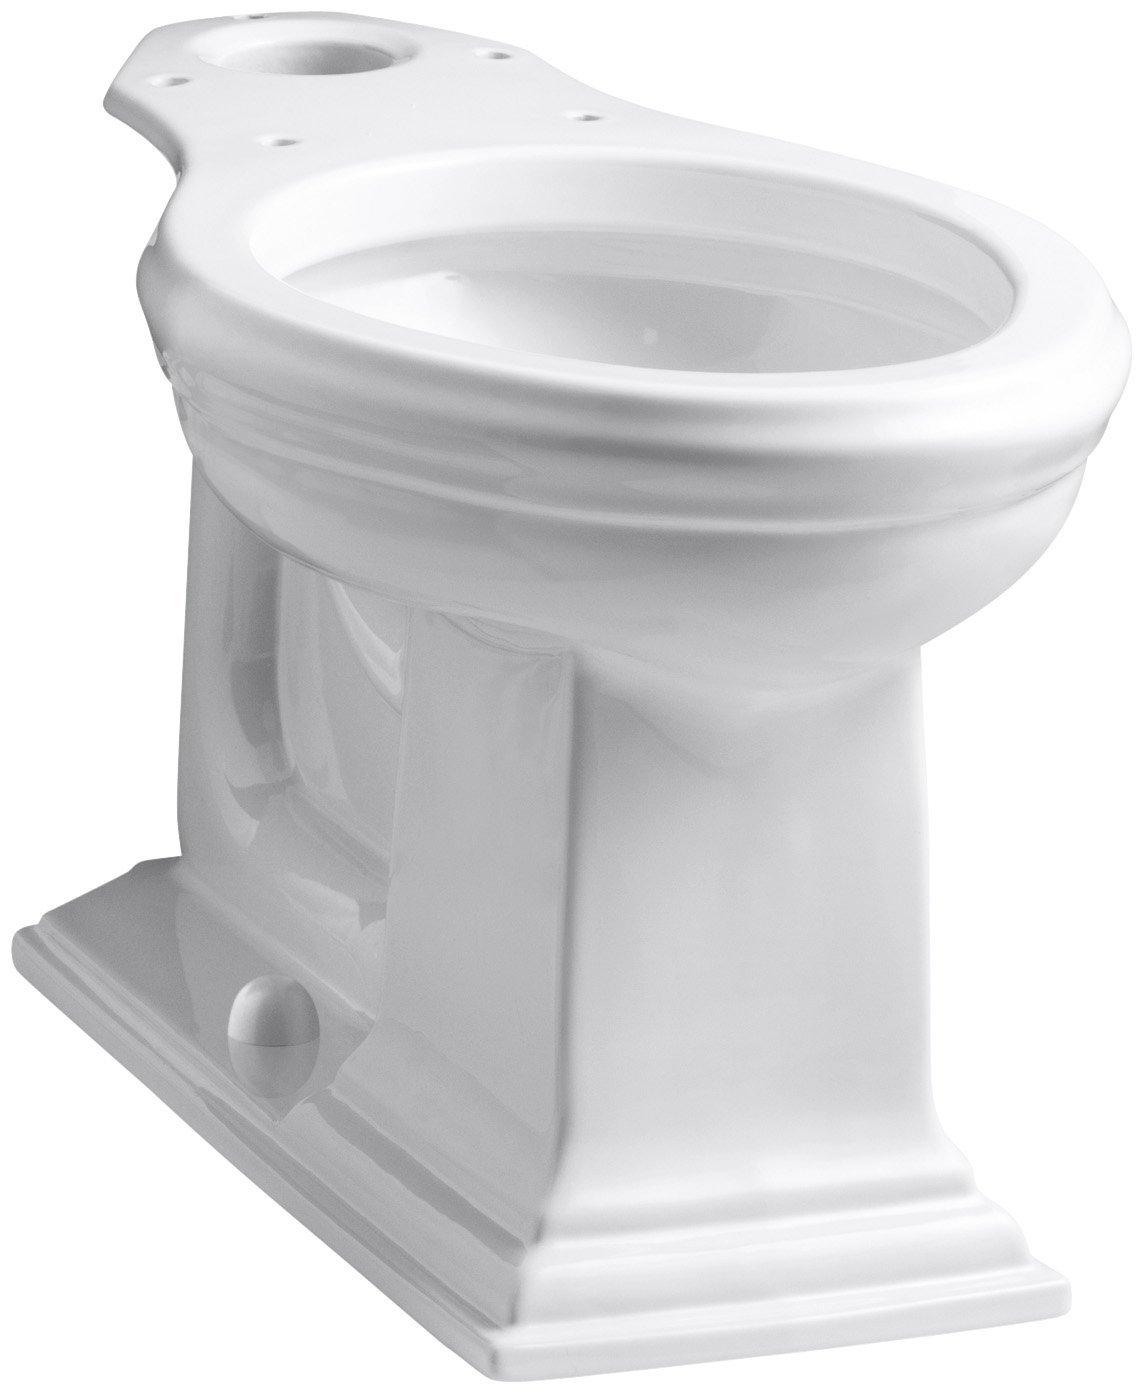 Kohler K-4380-0 Memoirs Comfort Height Elongated Bowl, White